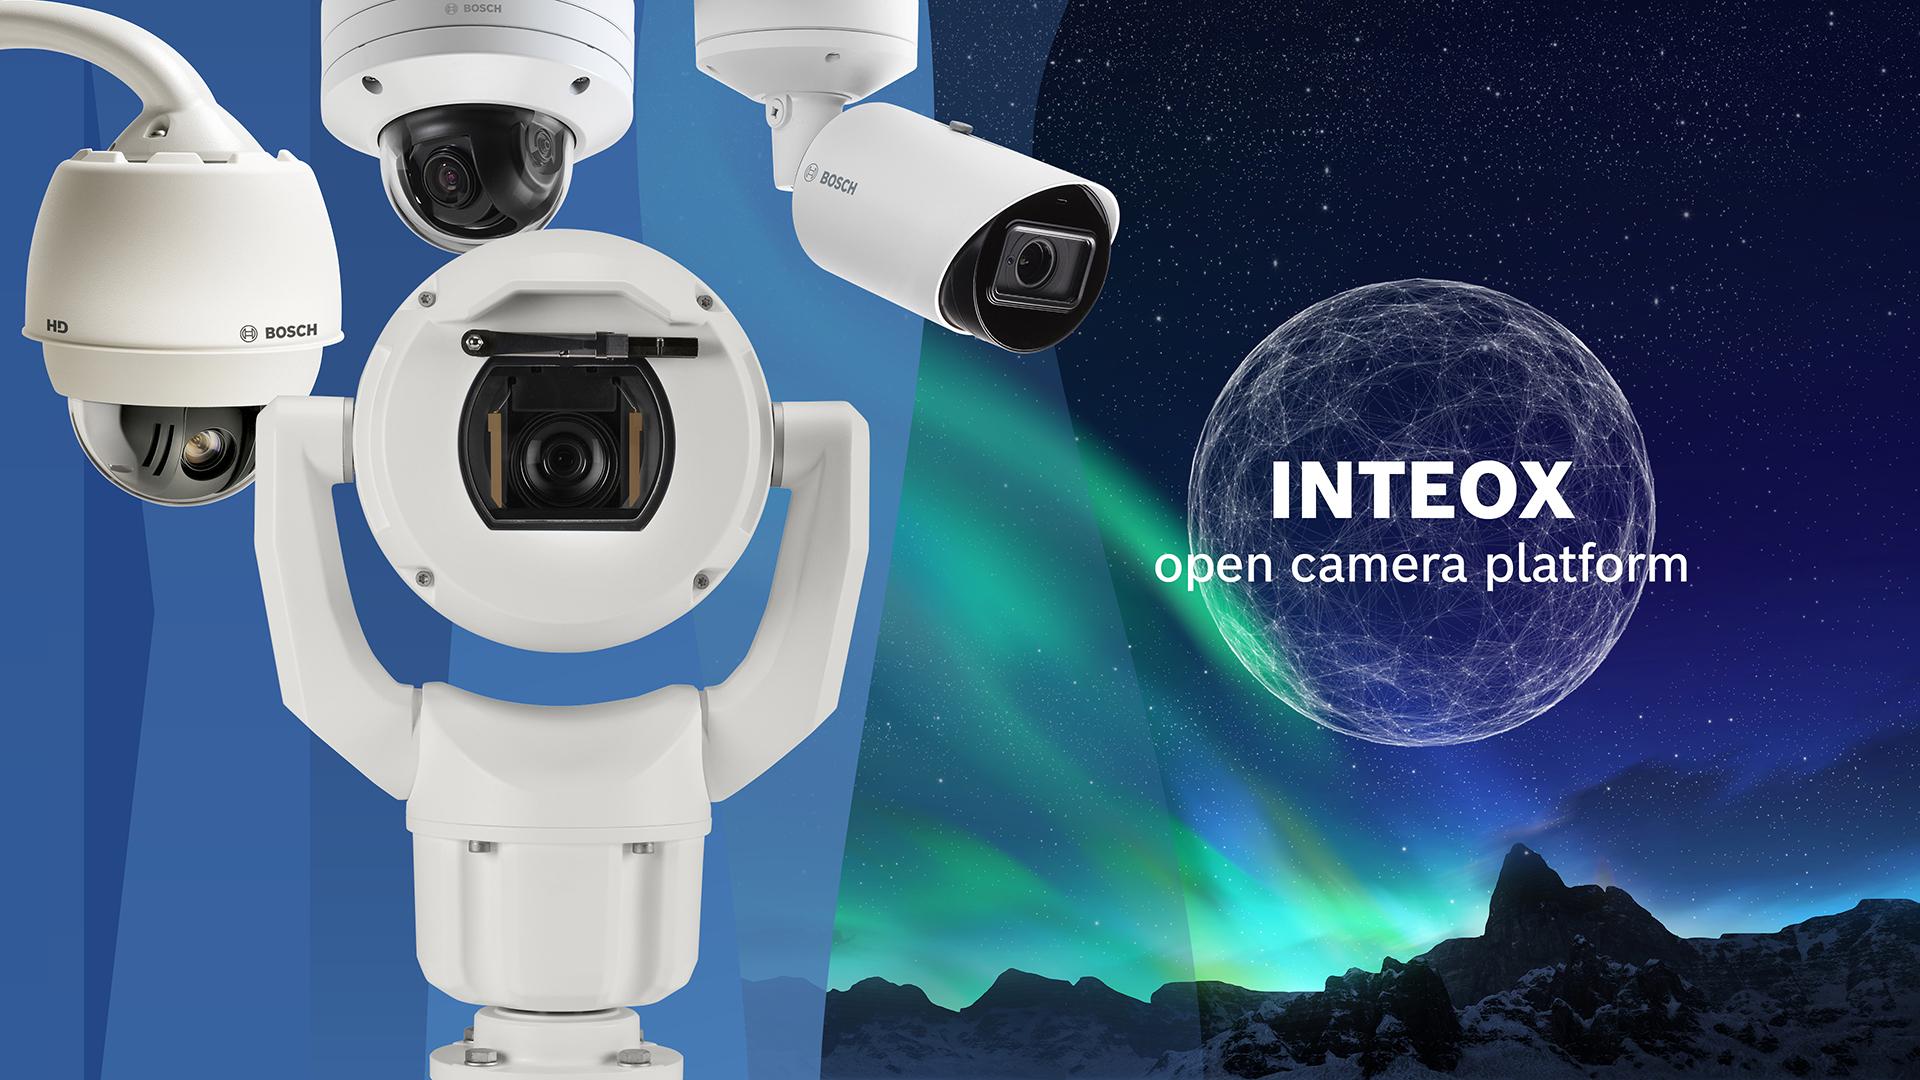 Bosch ogłosił wprowadzenie INTEOX – nowej platformy dozoru wizyjnego, stworzonej z myślą o modernizacji i dalszym rozwoju branży zabezpieczeń.